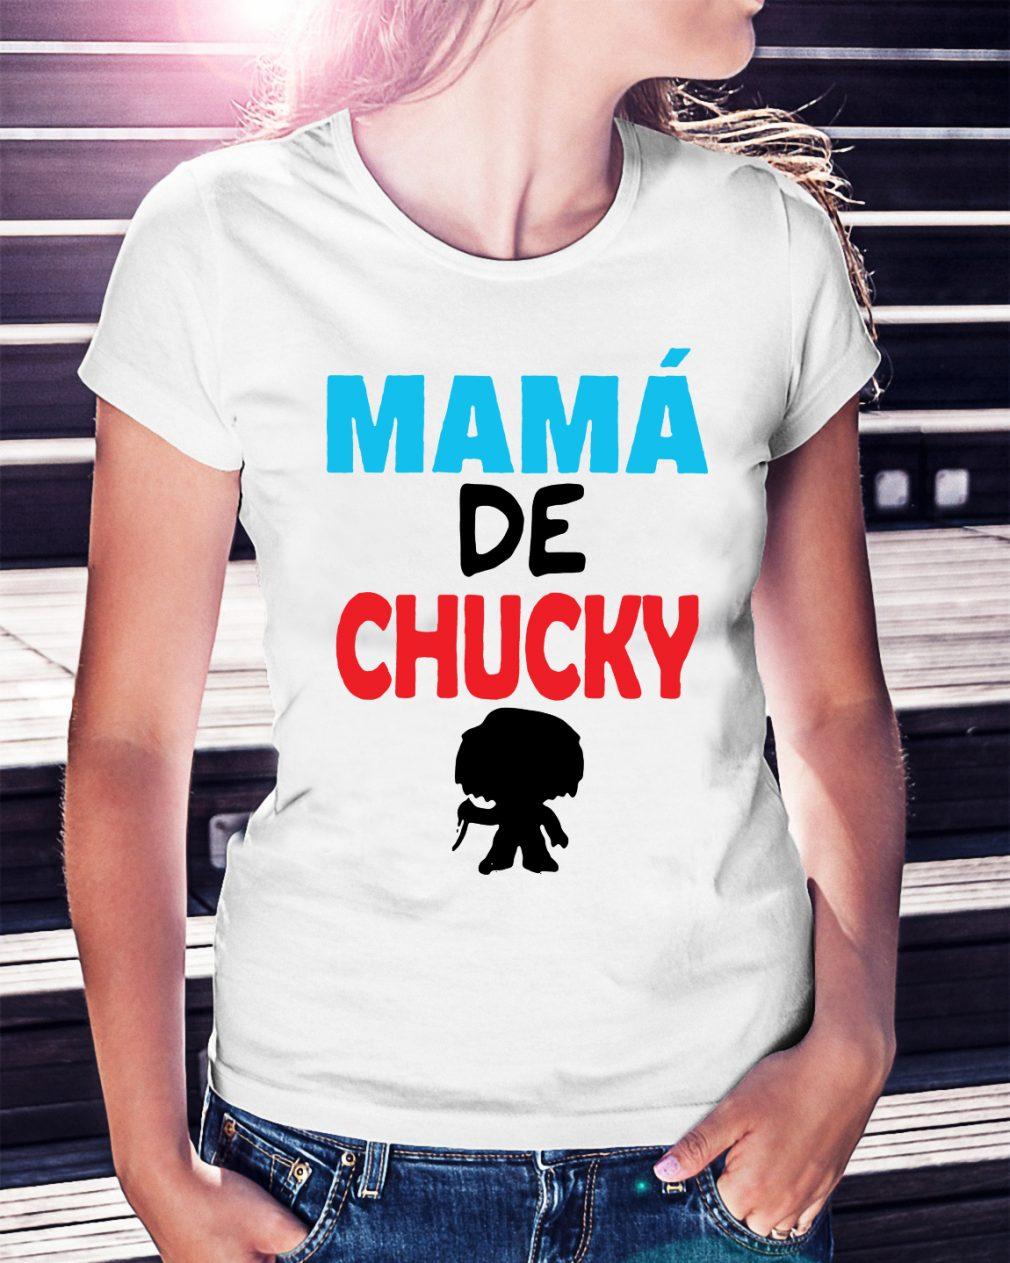 Mamá de Chucky shirt